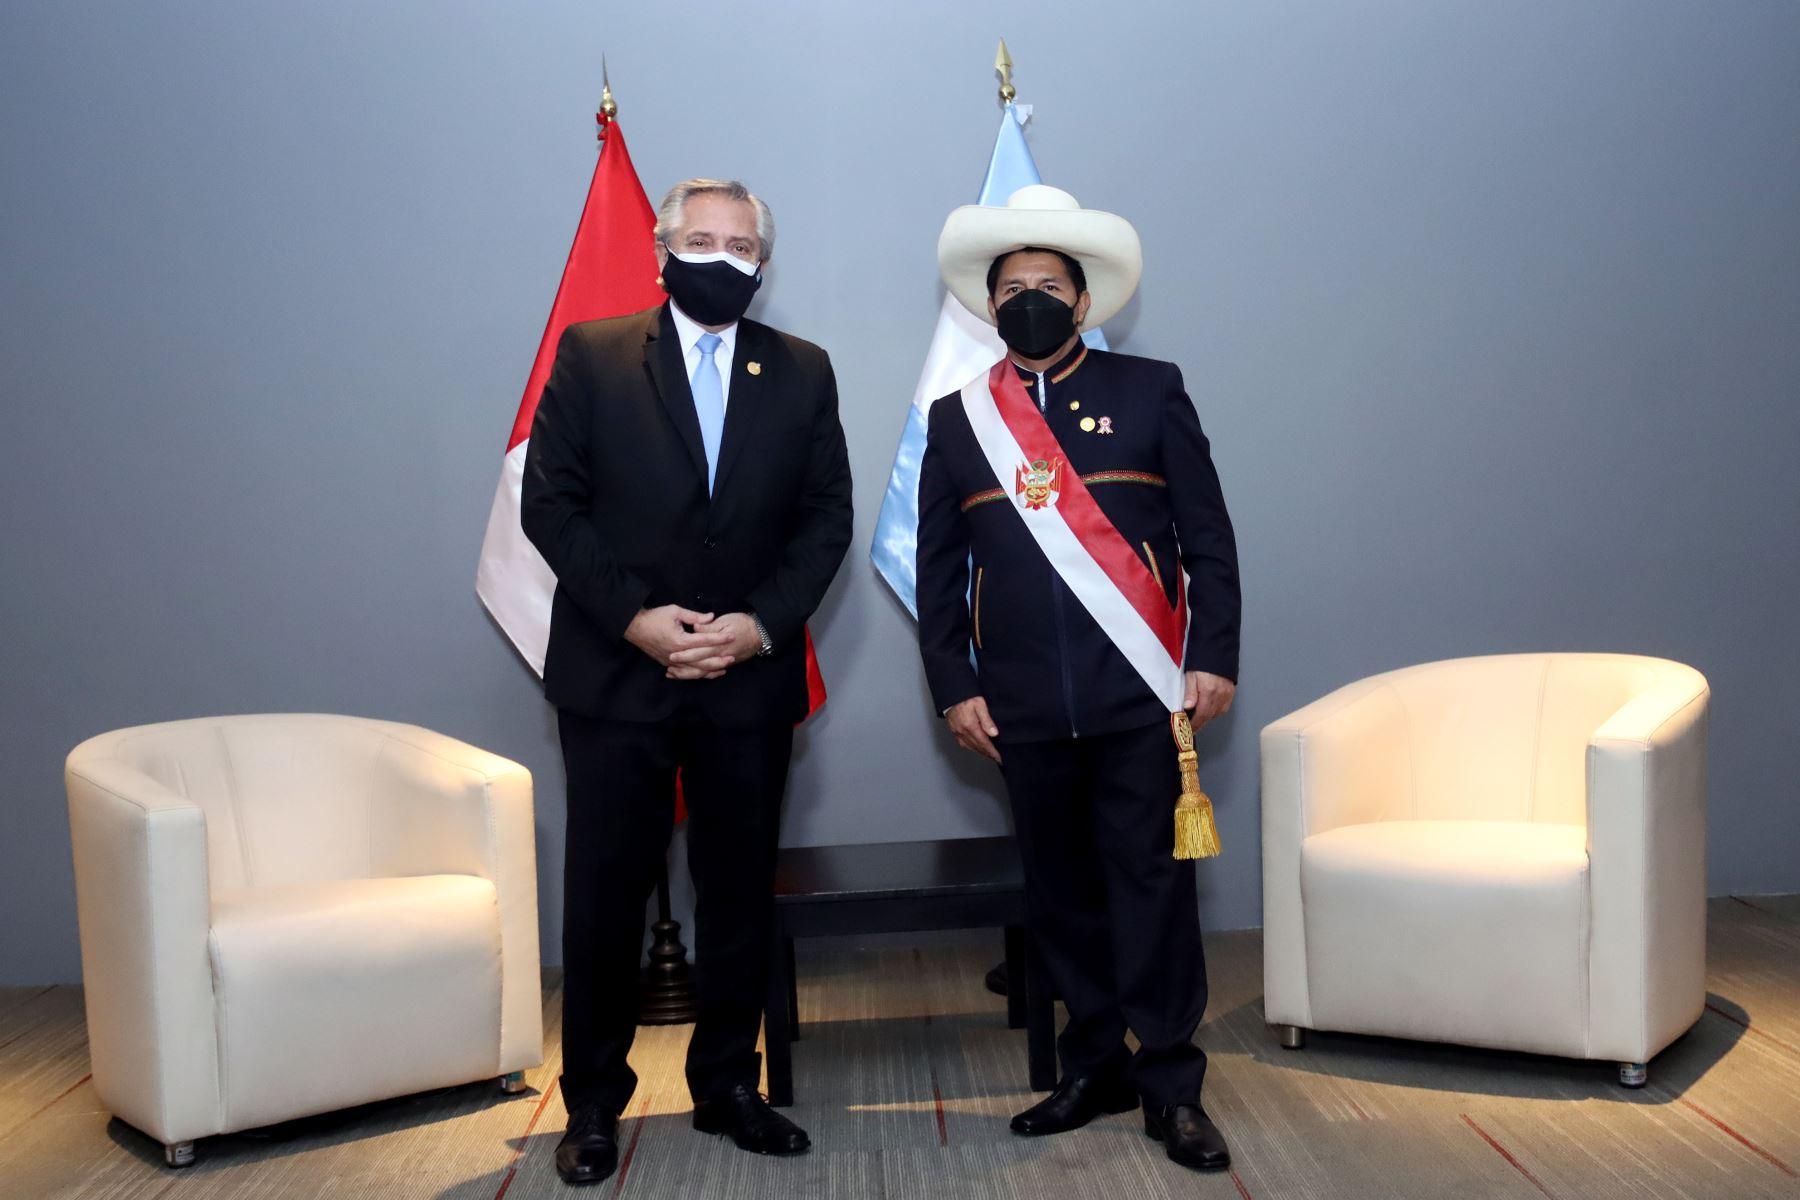 El presidente de la República Pedro castillo sostuvo una reunión bilateral con el presidente de Argentina Alberto Fernández. Foto: ANDINA/Prensa Presidencia